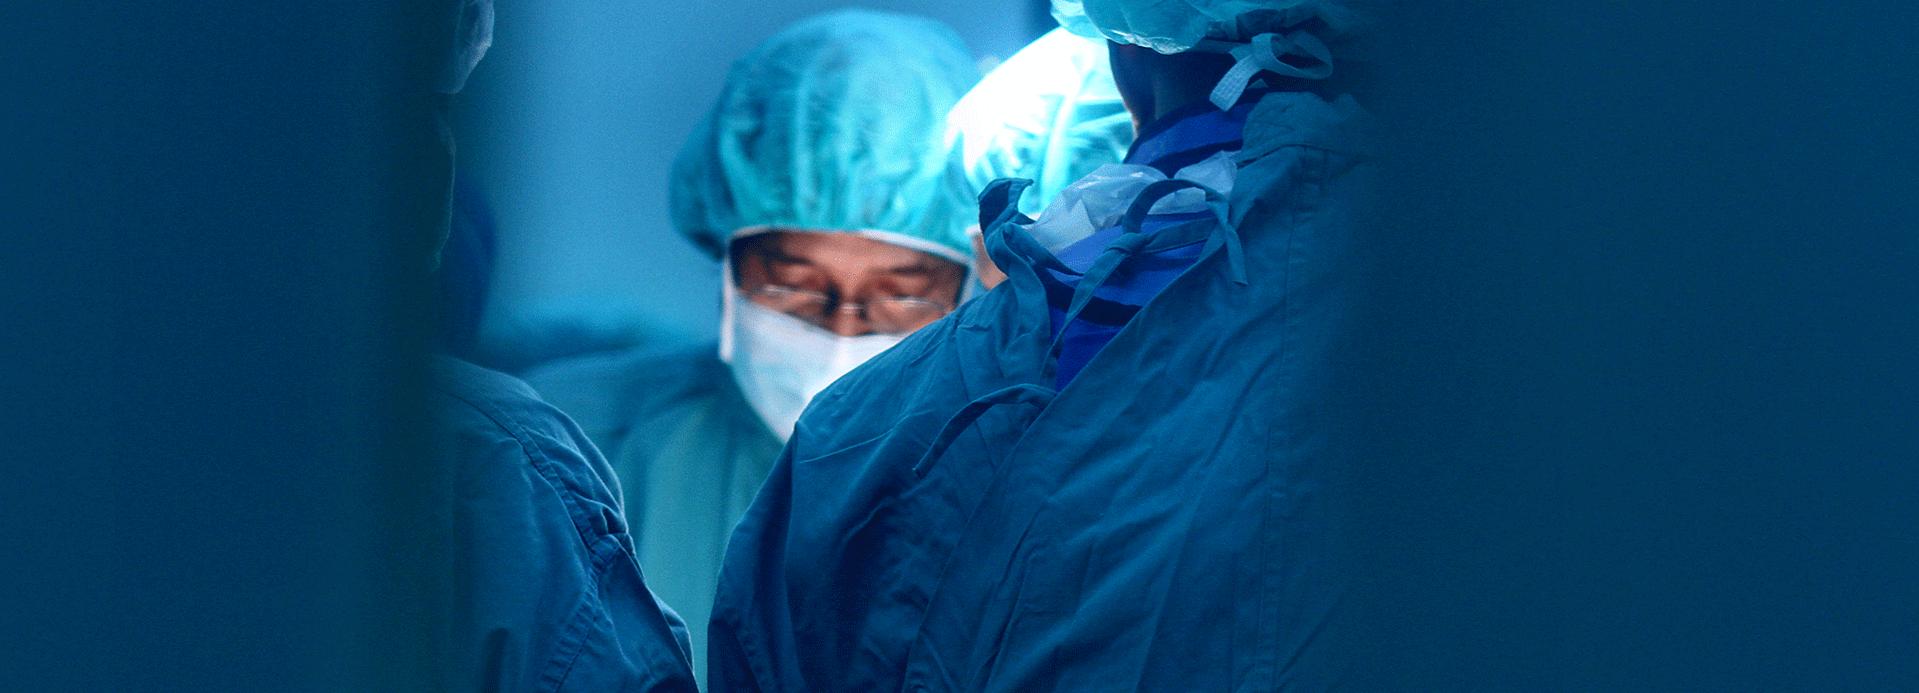 Стоимость лечения суставов в клиниках Германии